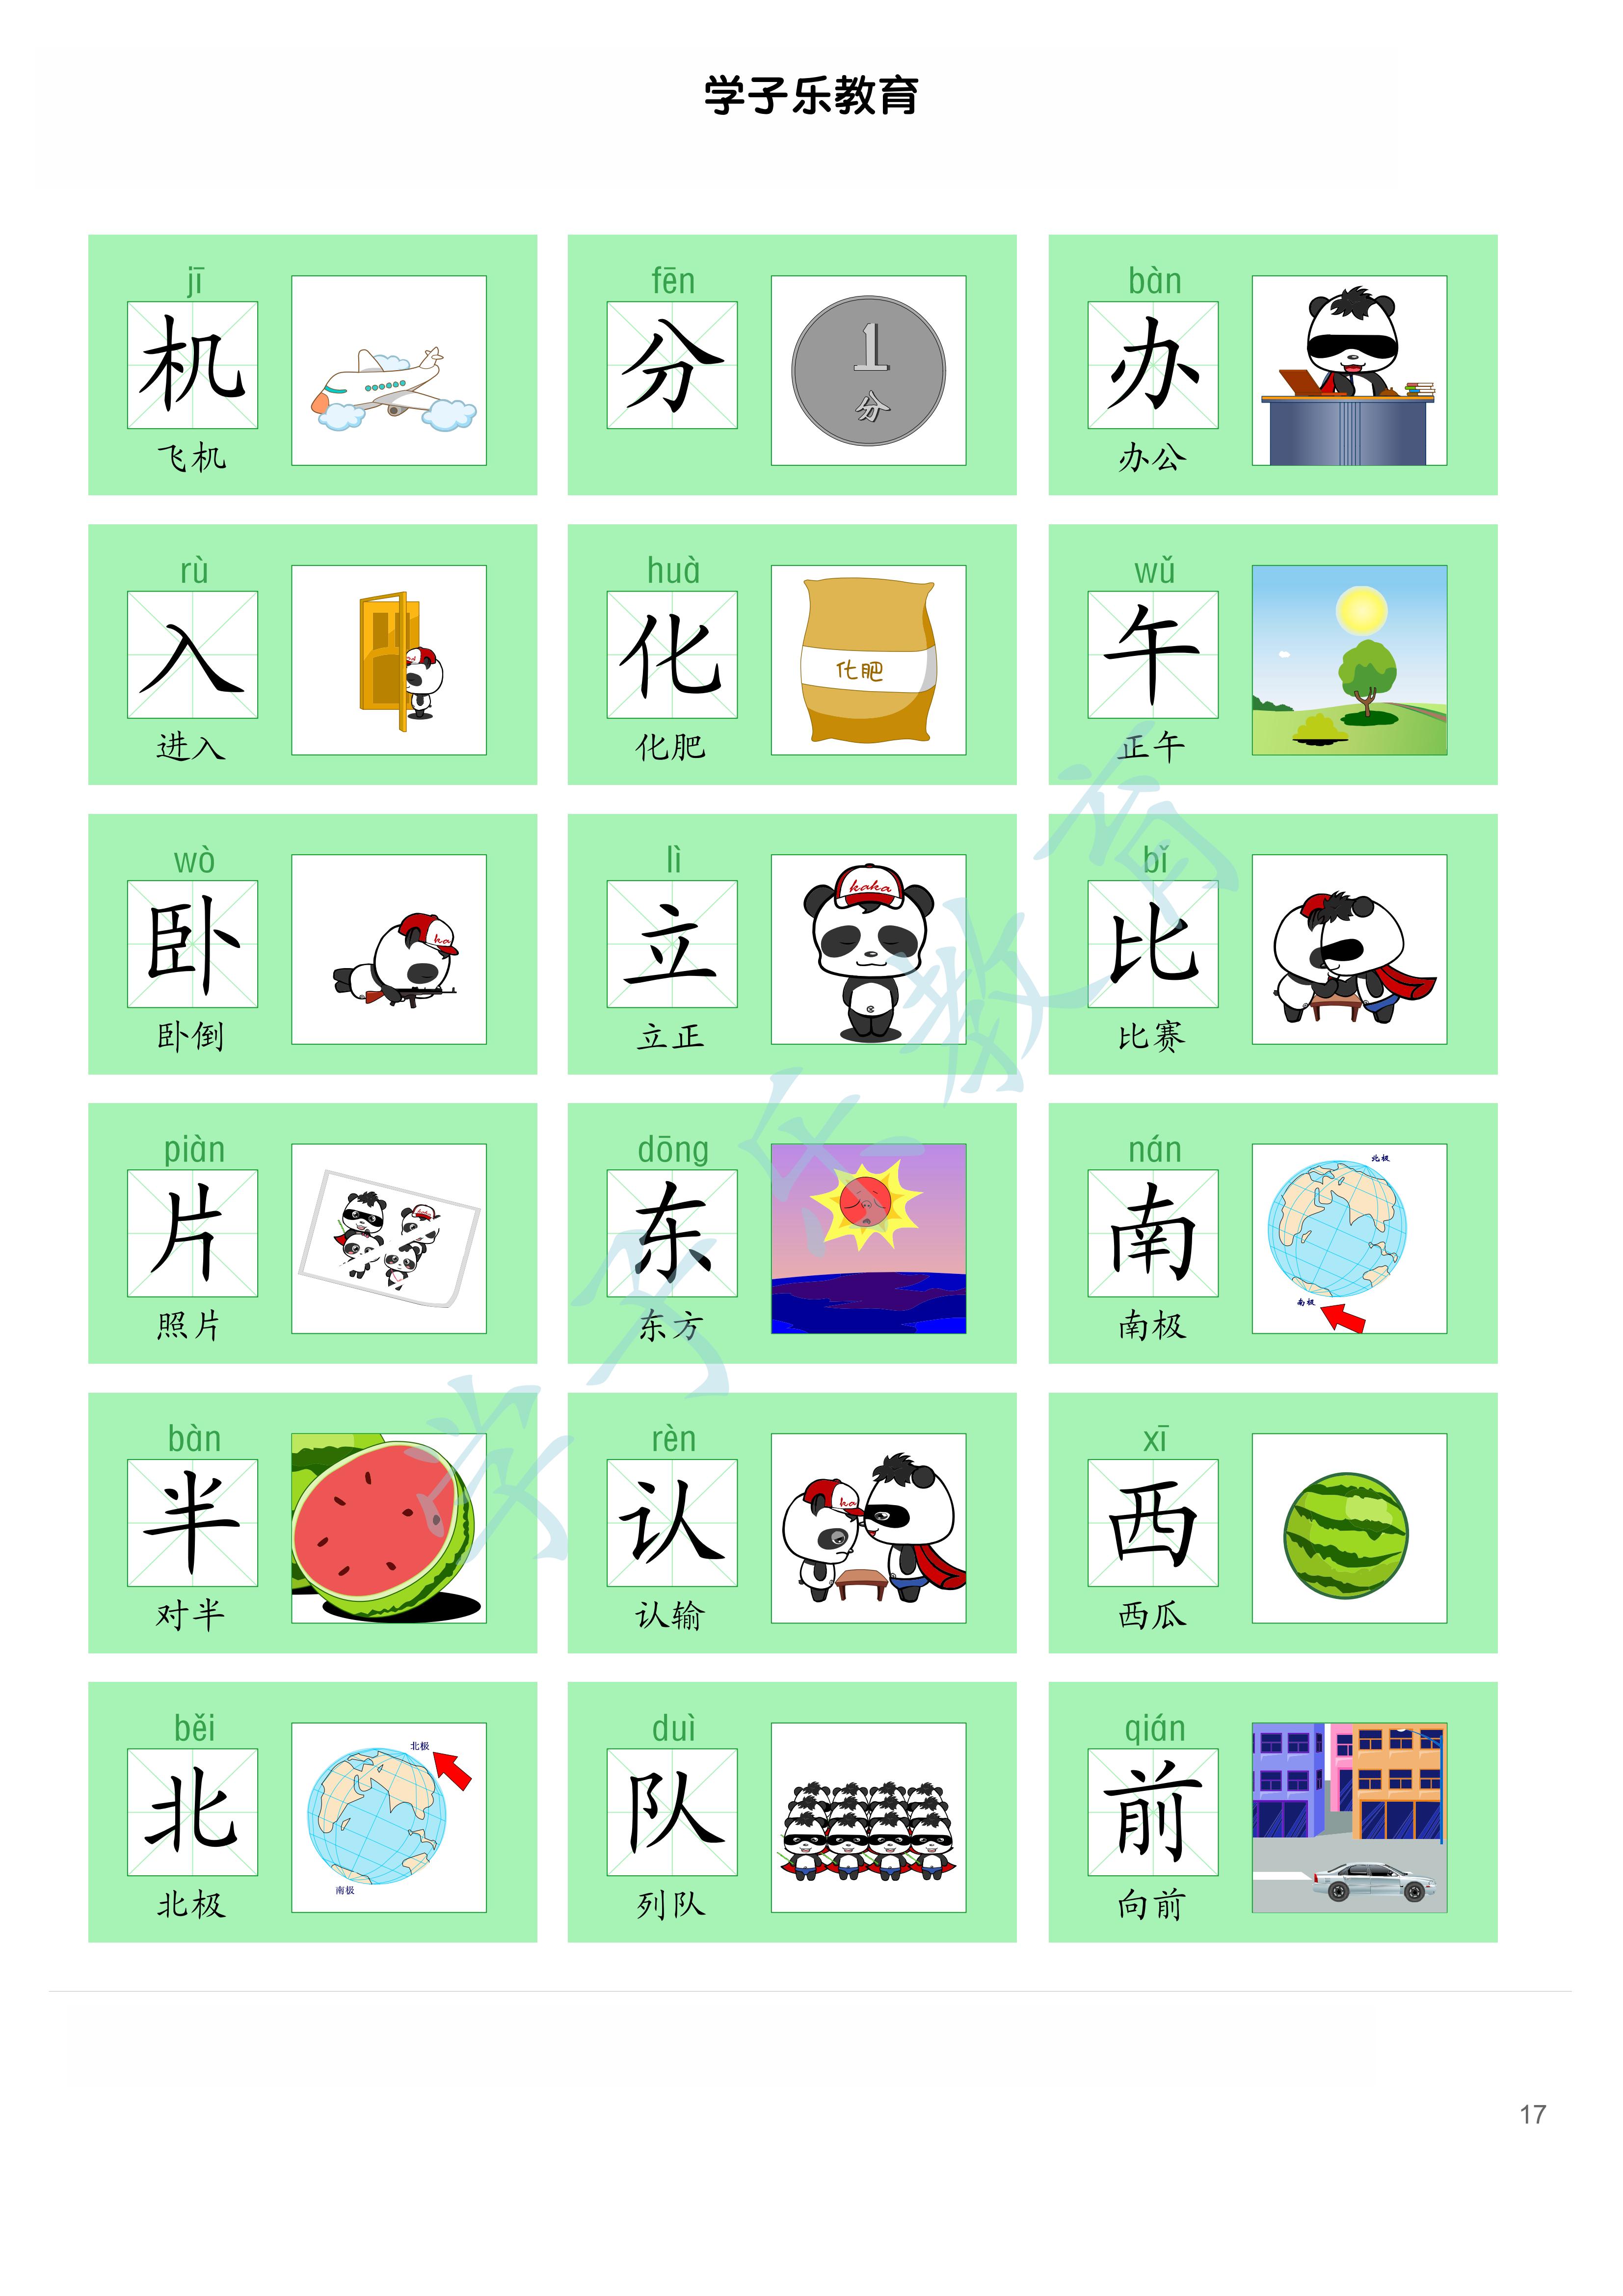 图文识字免费的软件(图文识字怎么用)插图16